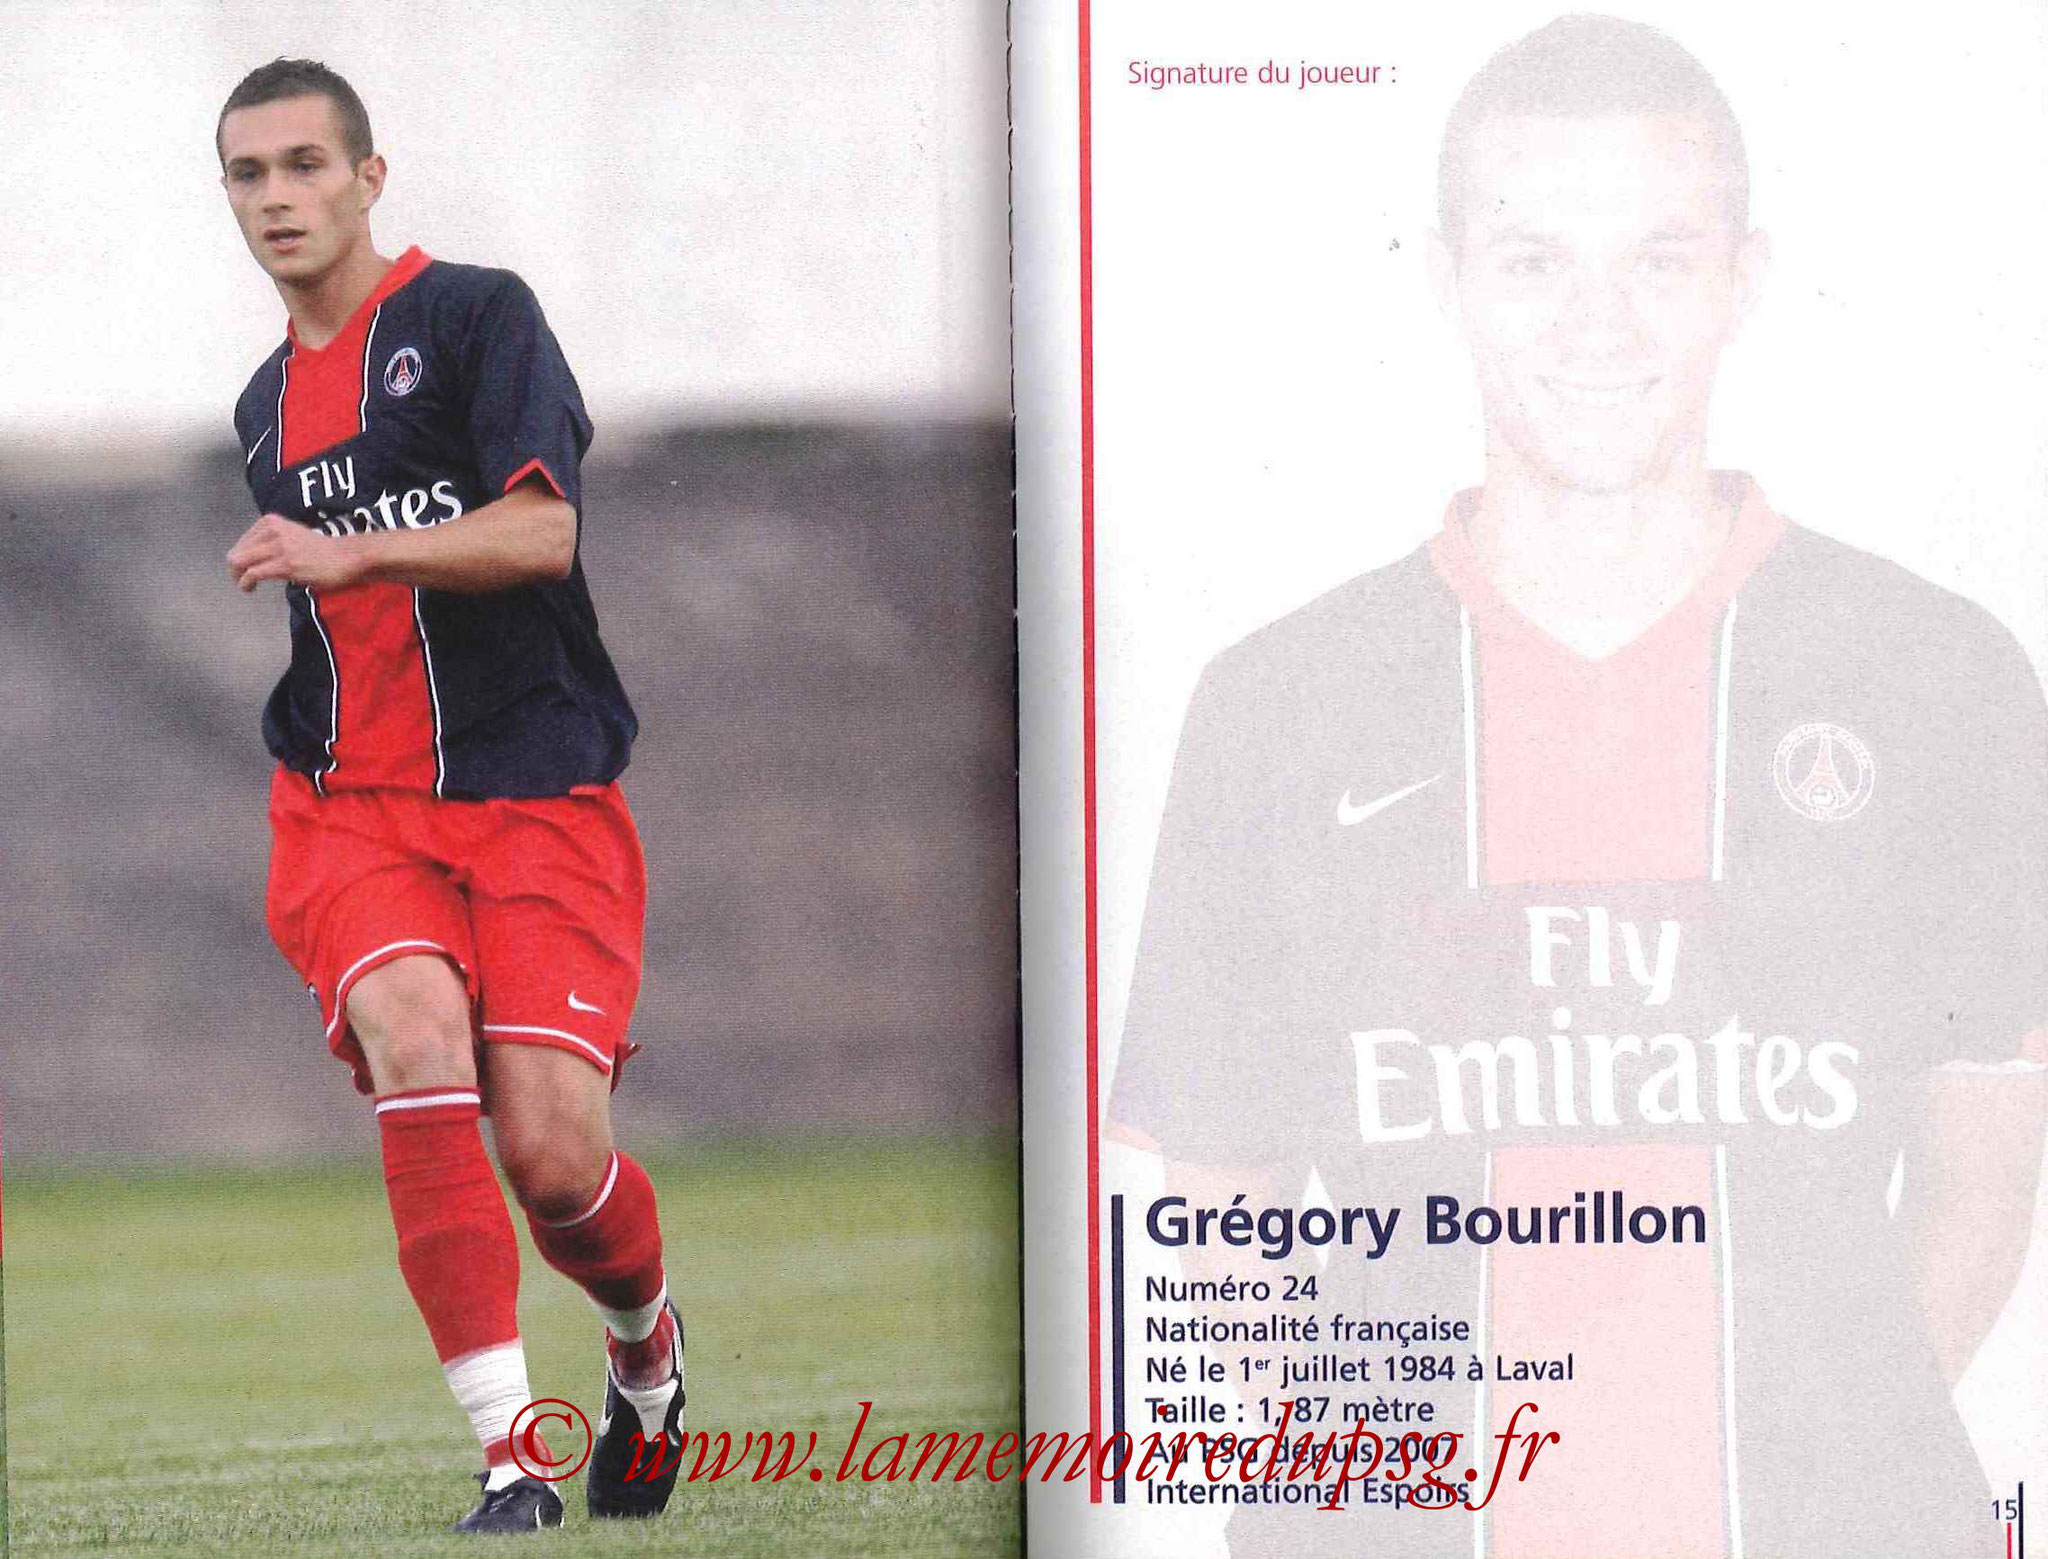 2007-08 - Guide de la Saison PSG - Pages 14 et 15 - Grégory BOURILLON